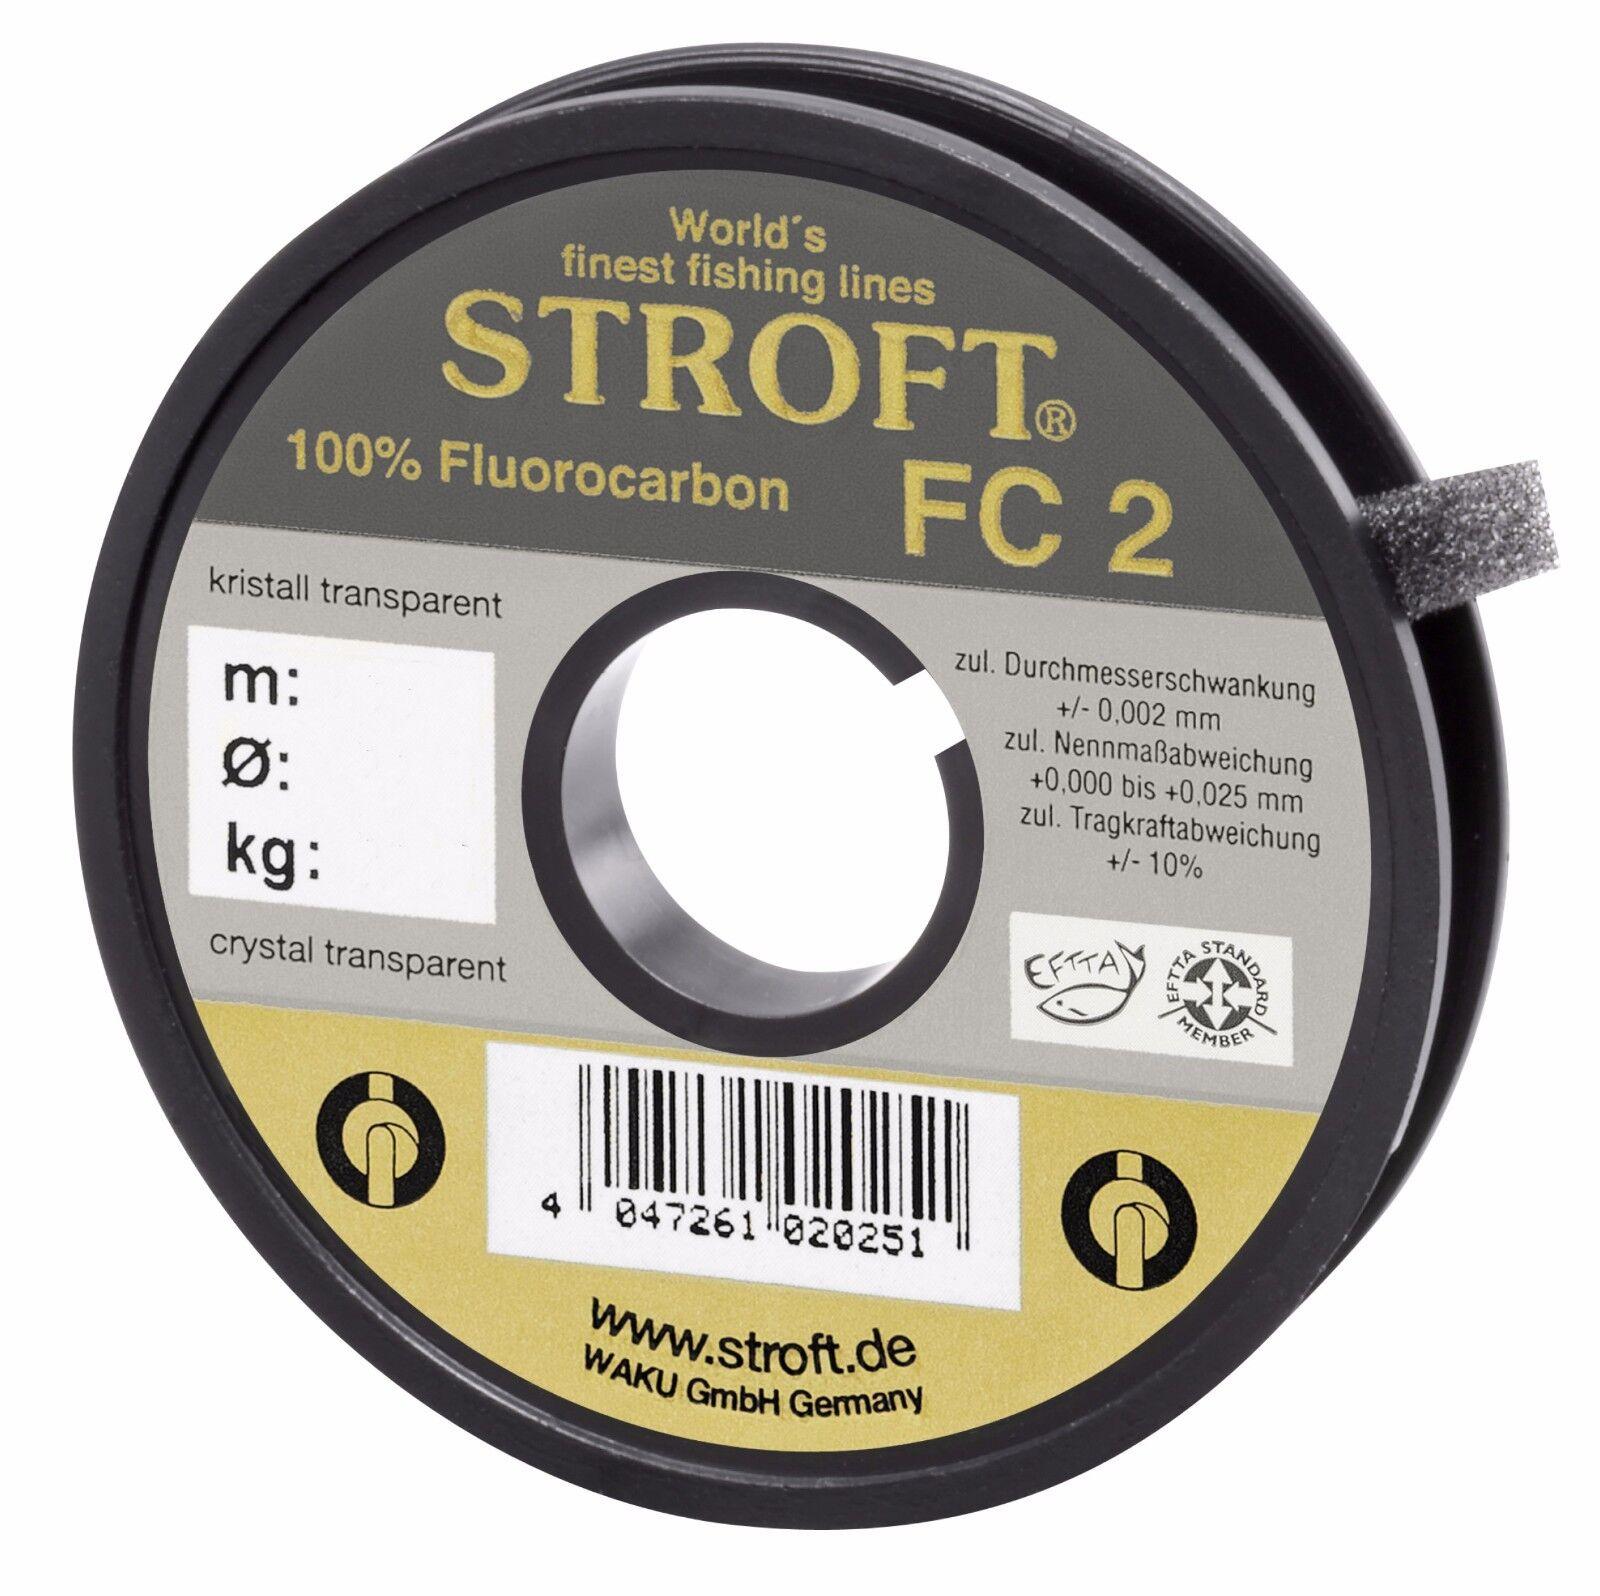 Angelschnur STROFT FC2 FluGoldcarbon Vorfach Tippet Schnur 25m 50m 100m Spulen FC  | Bekannt für seine schöne Qualität